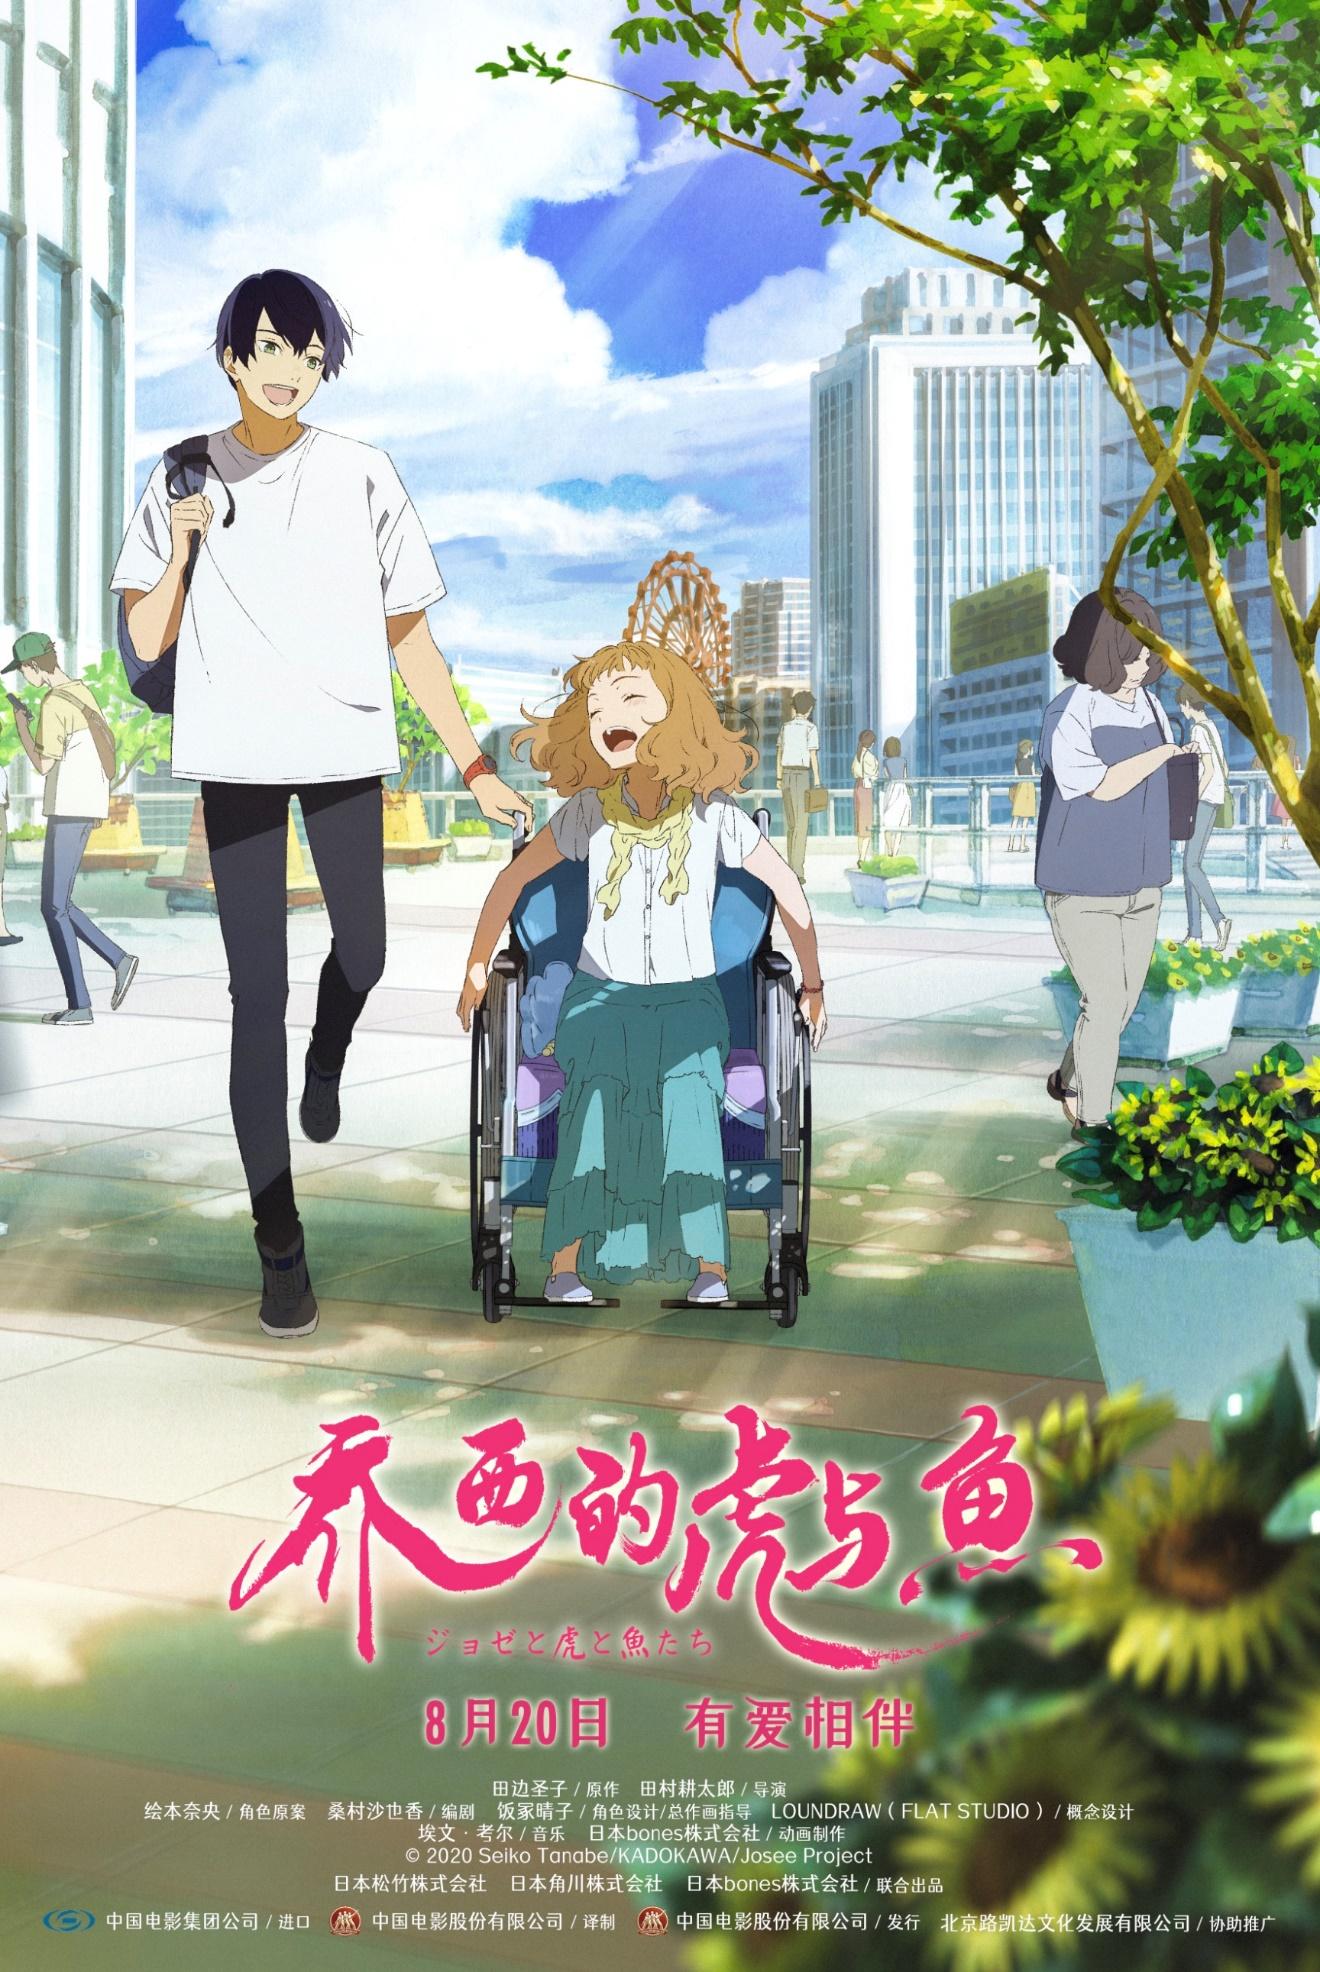 有爱相伴!日系青春动画电影《乔西的虎与鱼》定档8.20-ANICOGA